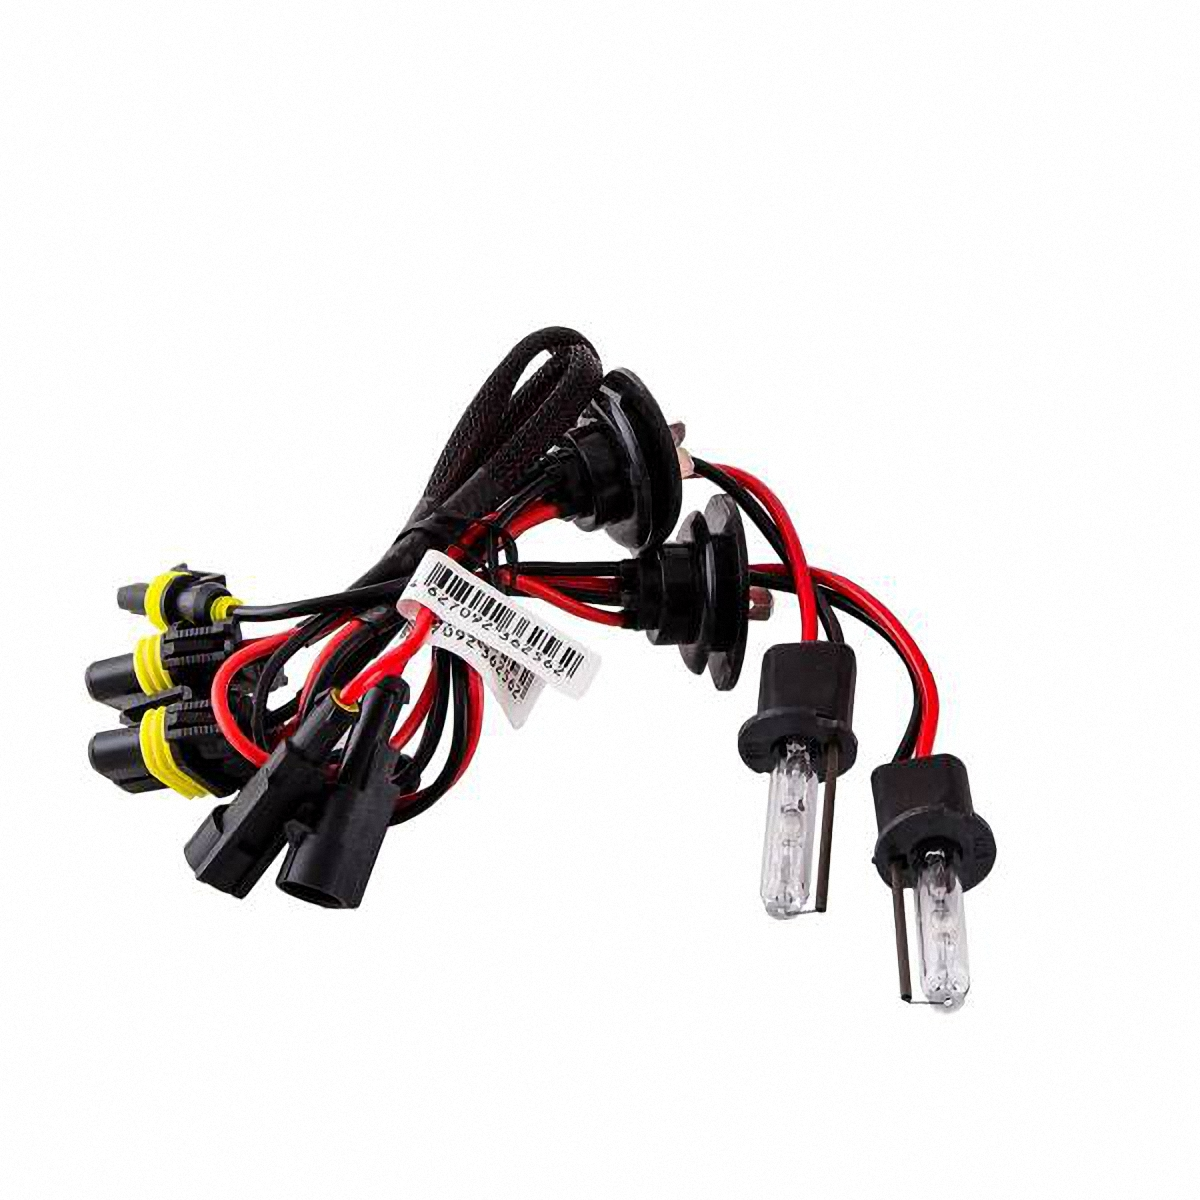 Лампа автомобильная Skyway, ксенон, цоколь H3, 35 Вт, 12 В, 2 штSH3 5000KЛампы автомобильные Skyway - комплект ксеноновых ламп без блока розжига. Автолампы с цоколем Н3 предназначены для противотуманных фар. Их размеры достаточно малы, и от них отходят 2 проводка (+ и -).Автолампа ксенонSKYWAY устойчива к тряскам, имеет продолжительный срок эксплуатации. За счет лучшего освещениядорожной разметки и дорожных знаков, вы будете чувствовать себя уверенно в плохих погодных условиях и в темное время суток. А мягкий белый свет лампы не ослепляет водителей встречного потока автомобилей. Особенности: Колба изготовлена из кварцевого стекла Водонепроницаемый корпус Короткое время розжига Срок службы более 3000 часов Излучают на 300 % больше света, чем галогеновые лампы Увеличенная яркость свеченияХарактеристики: Цветовая температура: 5000 К Яркость: 3200 Лм Тип цоколя: Н3 Диапазон входного напряжения: 9-32 В Потребляемая мощность: 35 Вт Комплектация: Лампа газоразрядная ксеноновая - 2 шт. Гарантийный талон - 1 шт.